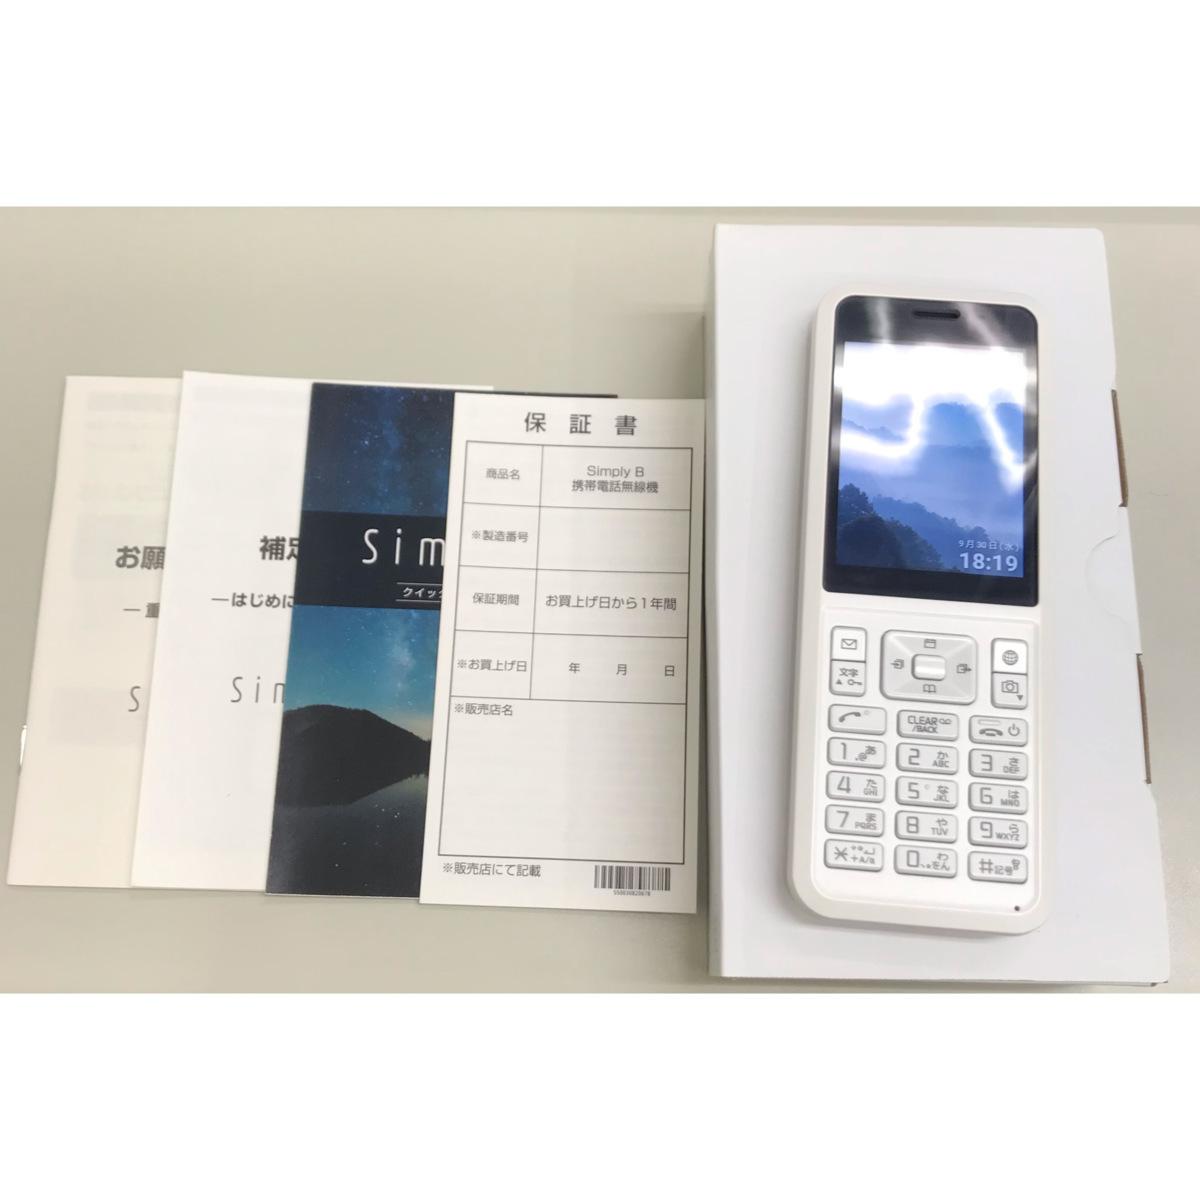 【送料無料/中古良品】SoftBank Simply B 701SI ホワイト ROM:8GB RAM:1GB セイコー SEIKO SIMロック解除済 〇判定_画像1